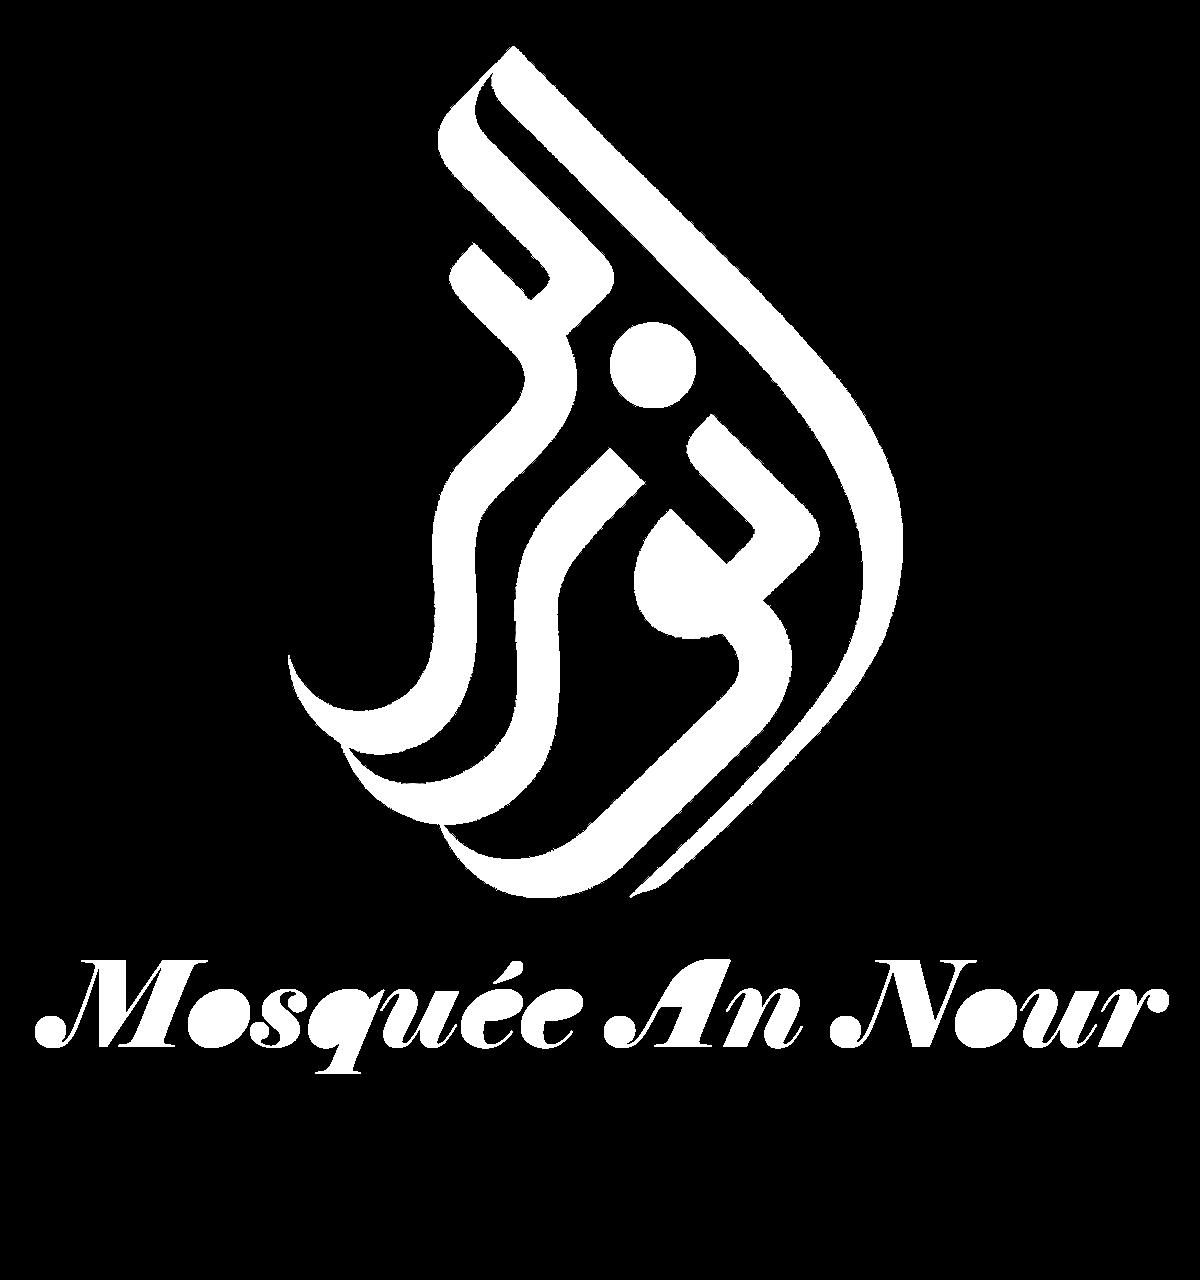 Mosquée An Nour - Mosquée de Nancy